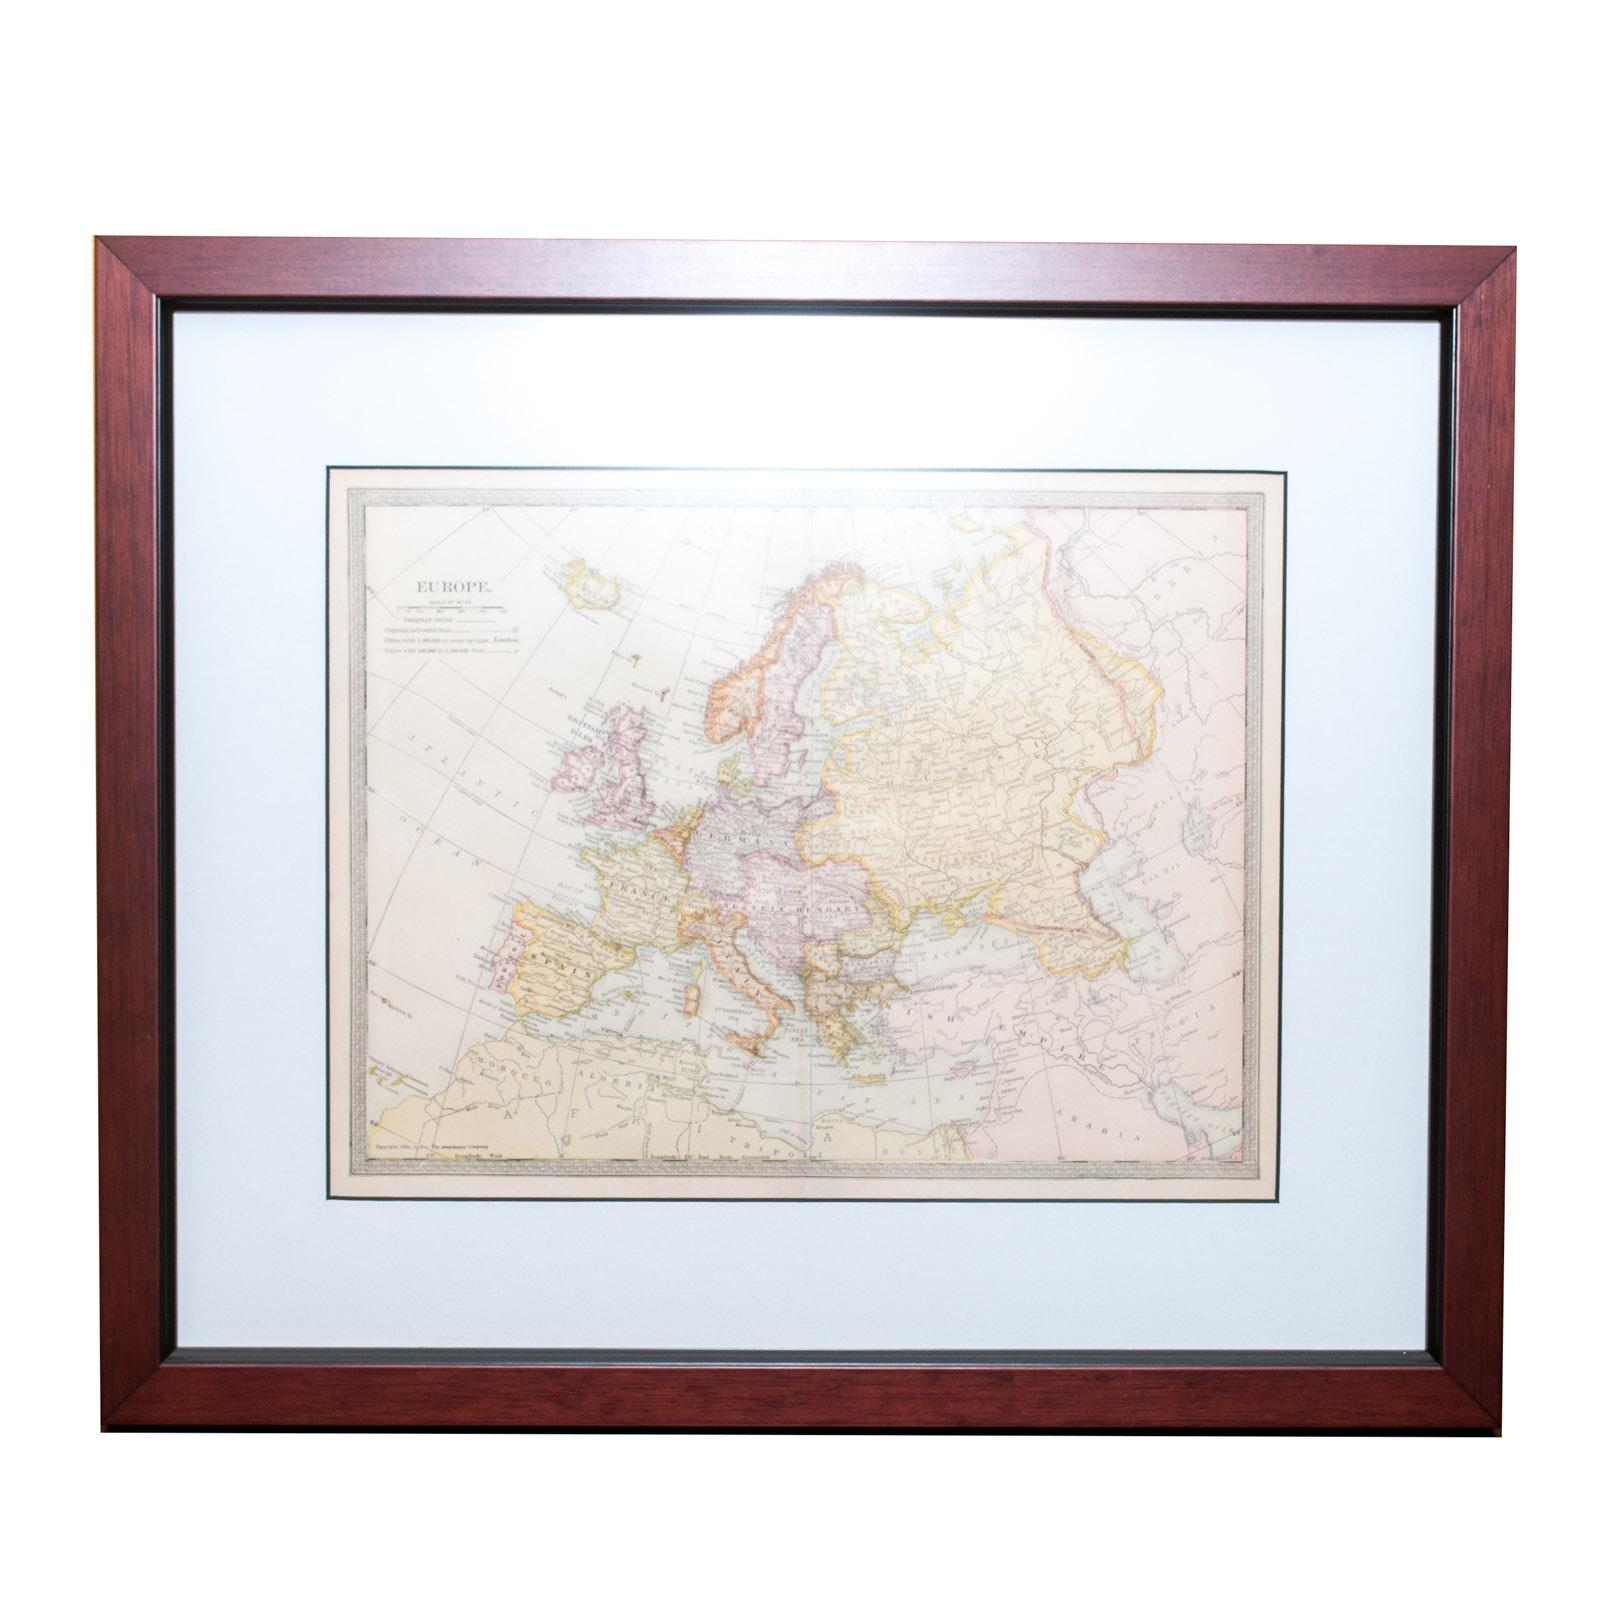 1903 Framed Map of Europe